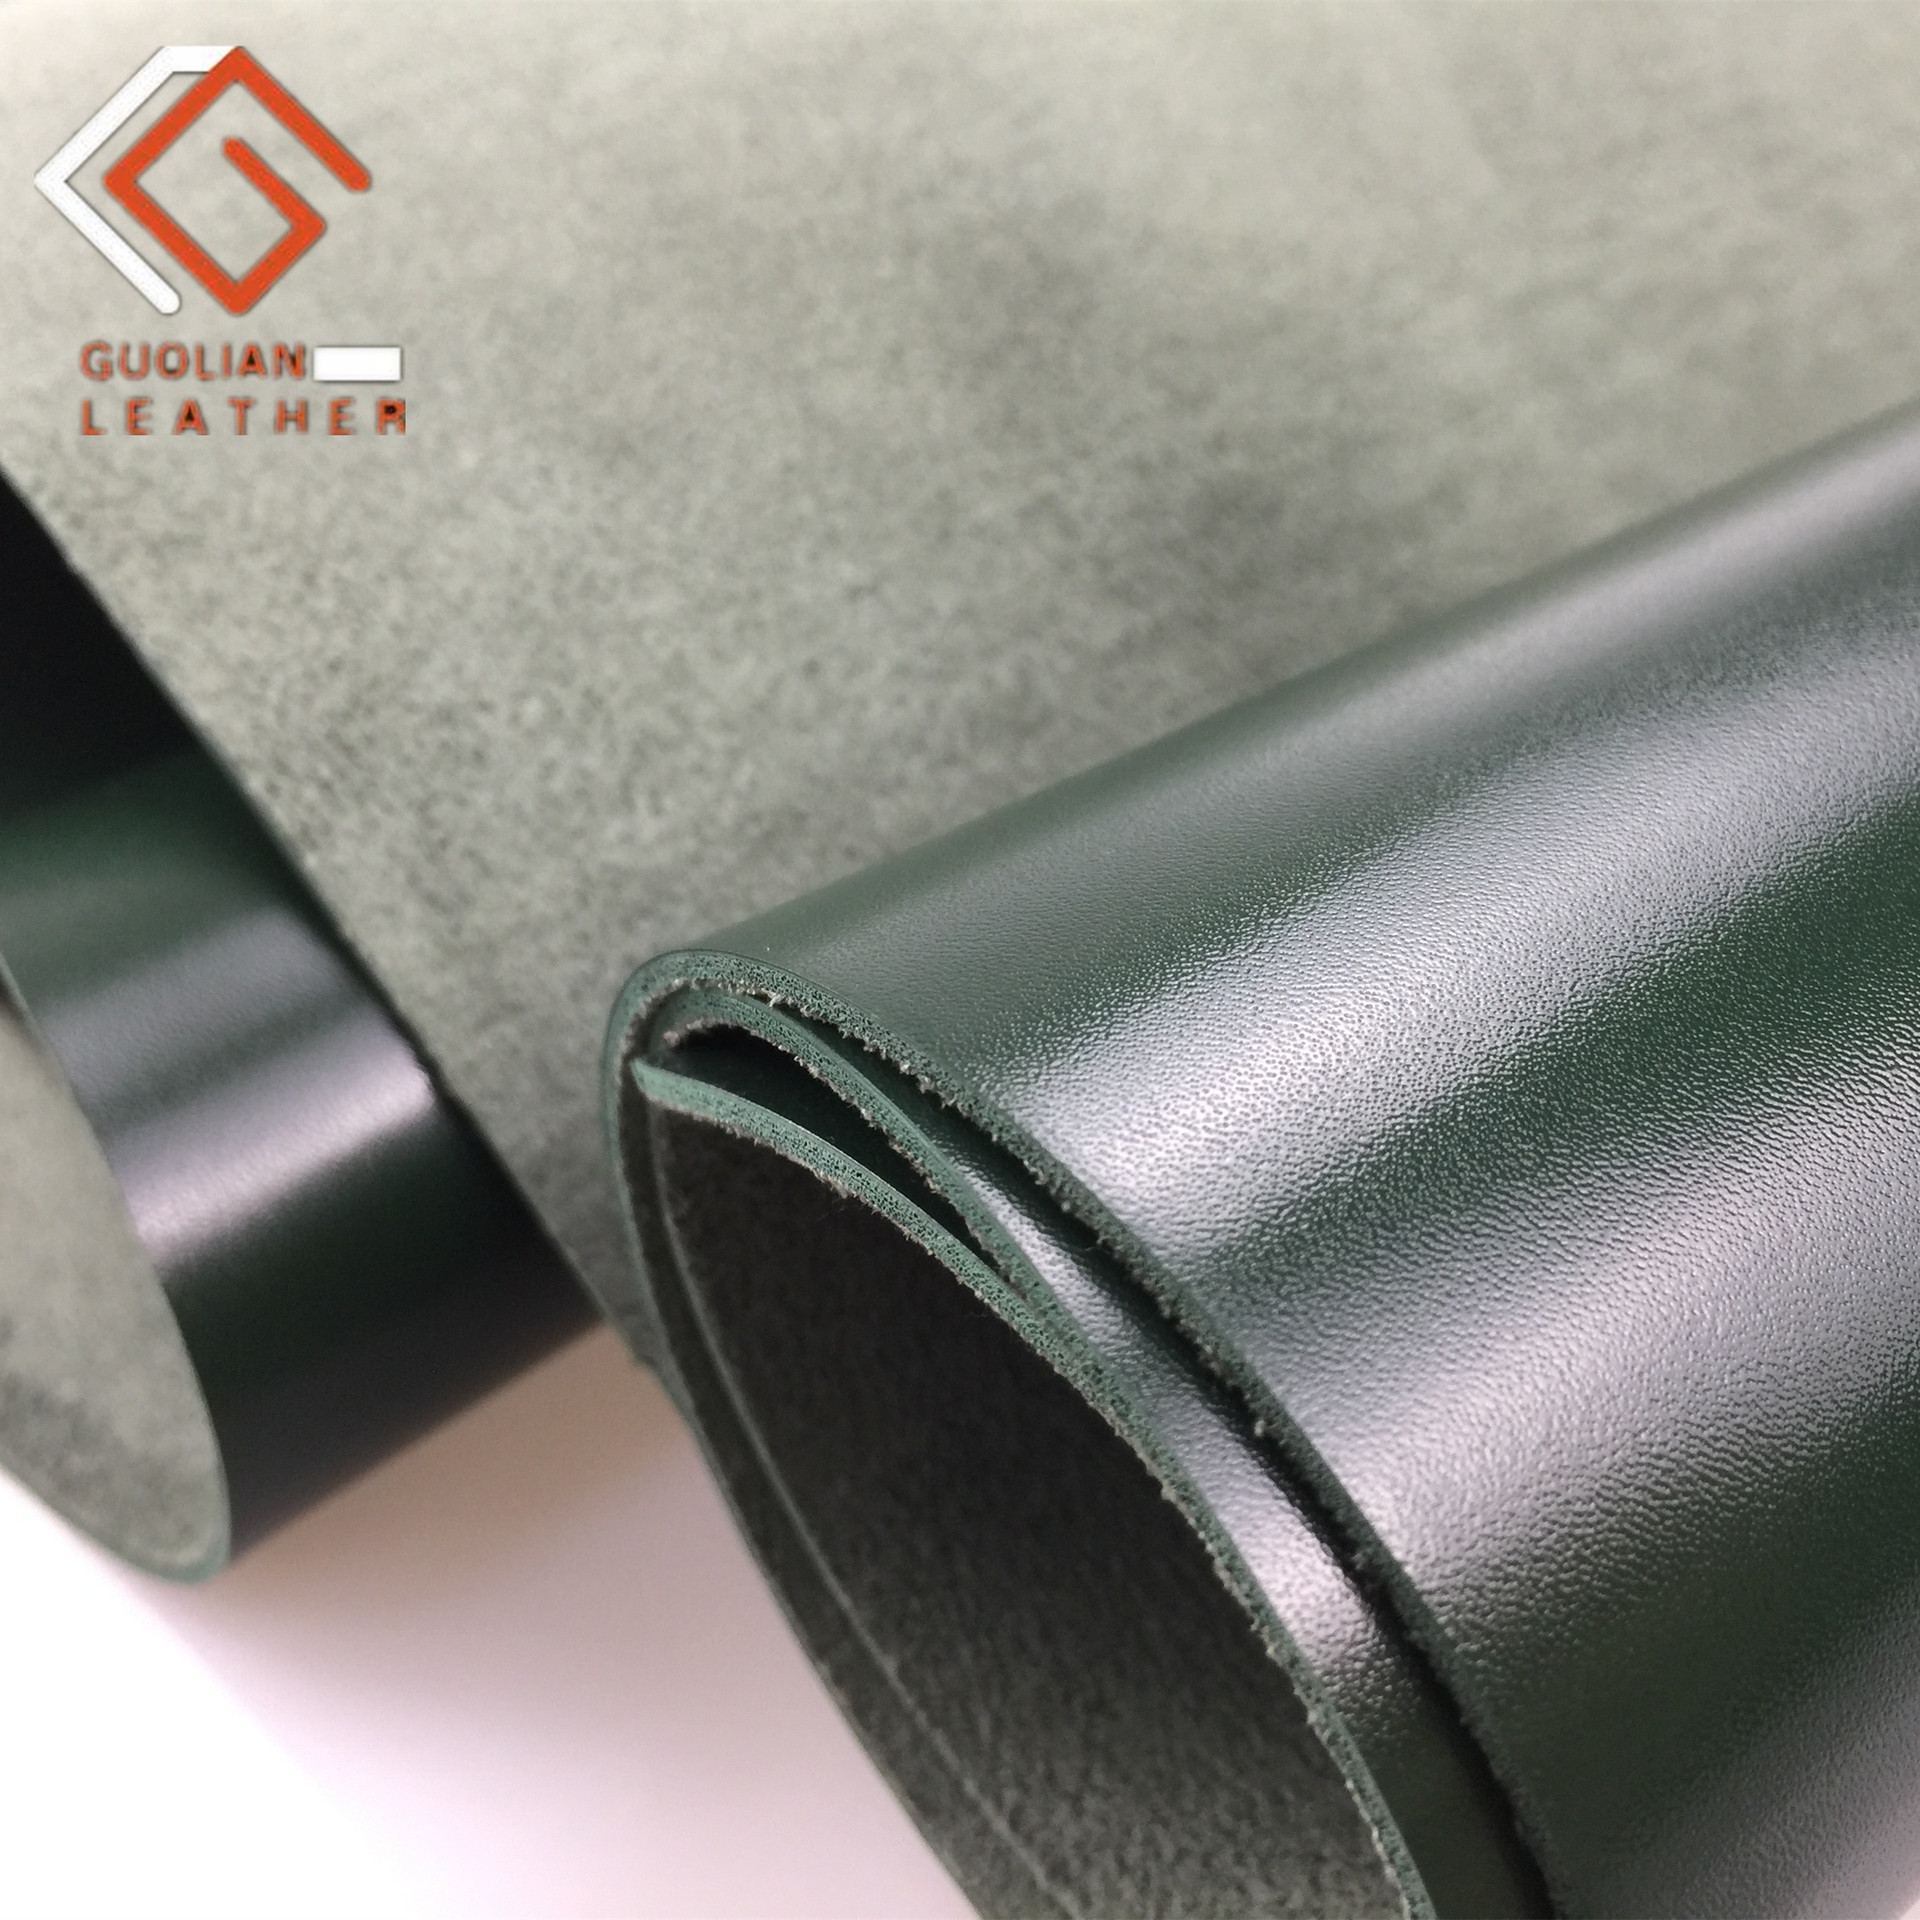 GUOLIAN Vật liệu da Nhà máy trực tiếp một nửa PU da trơn dệt kim mô hình dầu mô phỏng da hiệu ứng mị